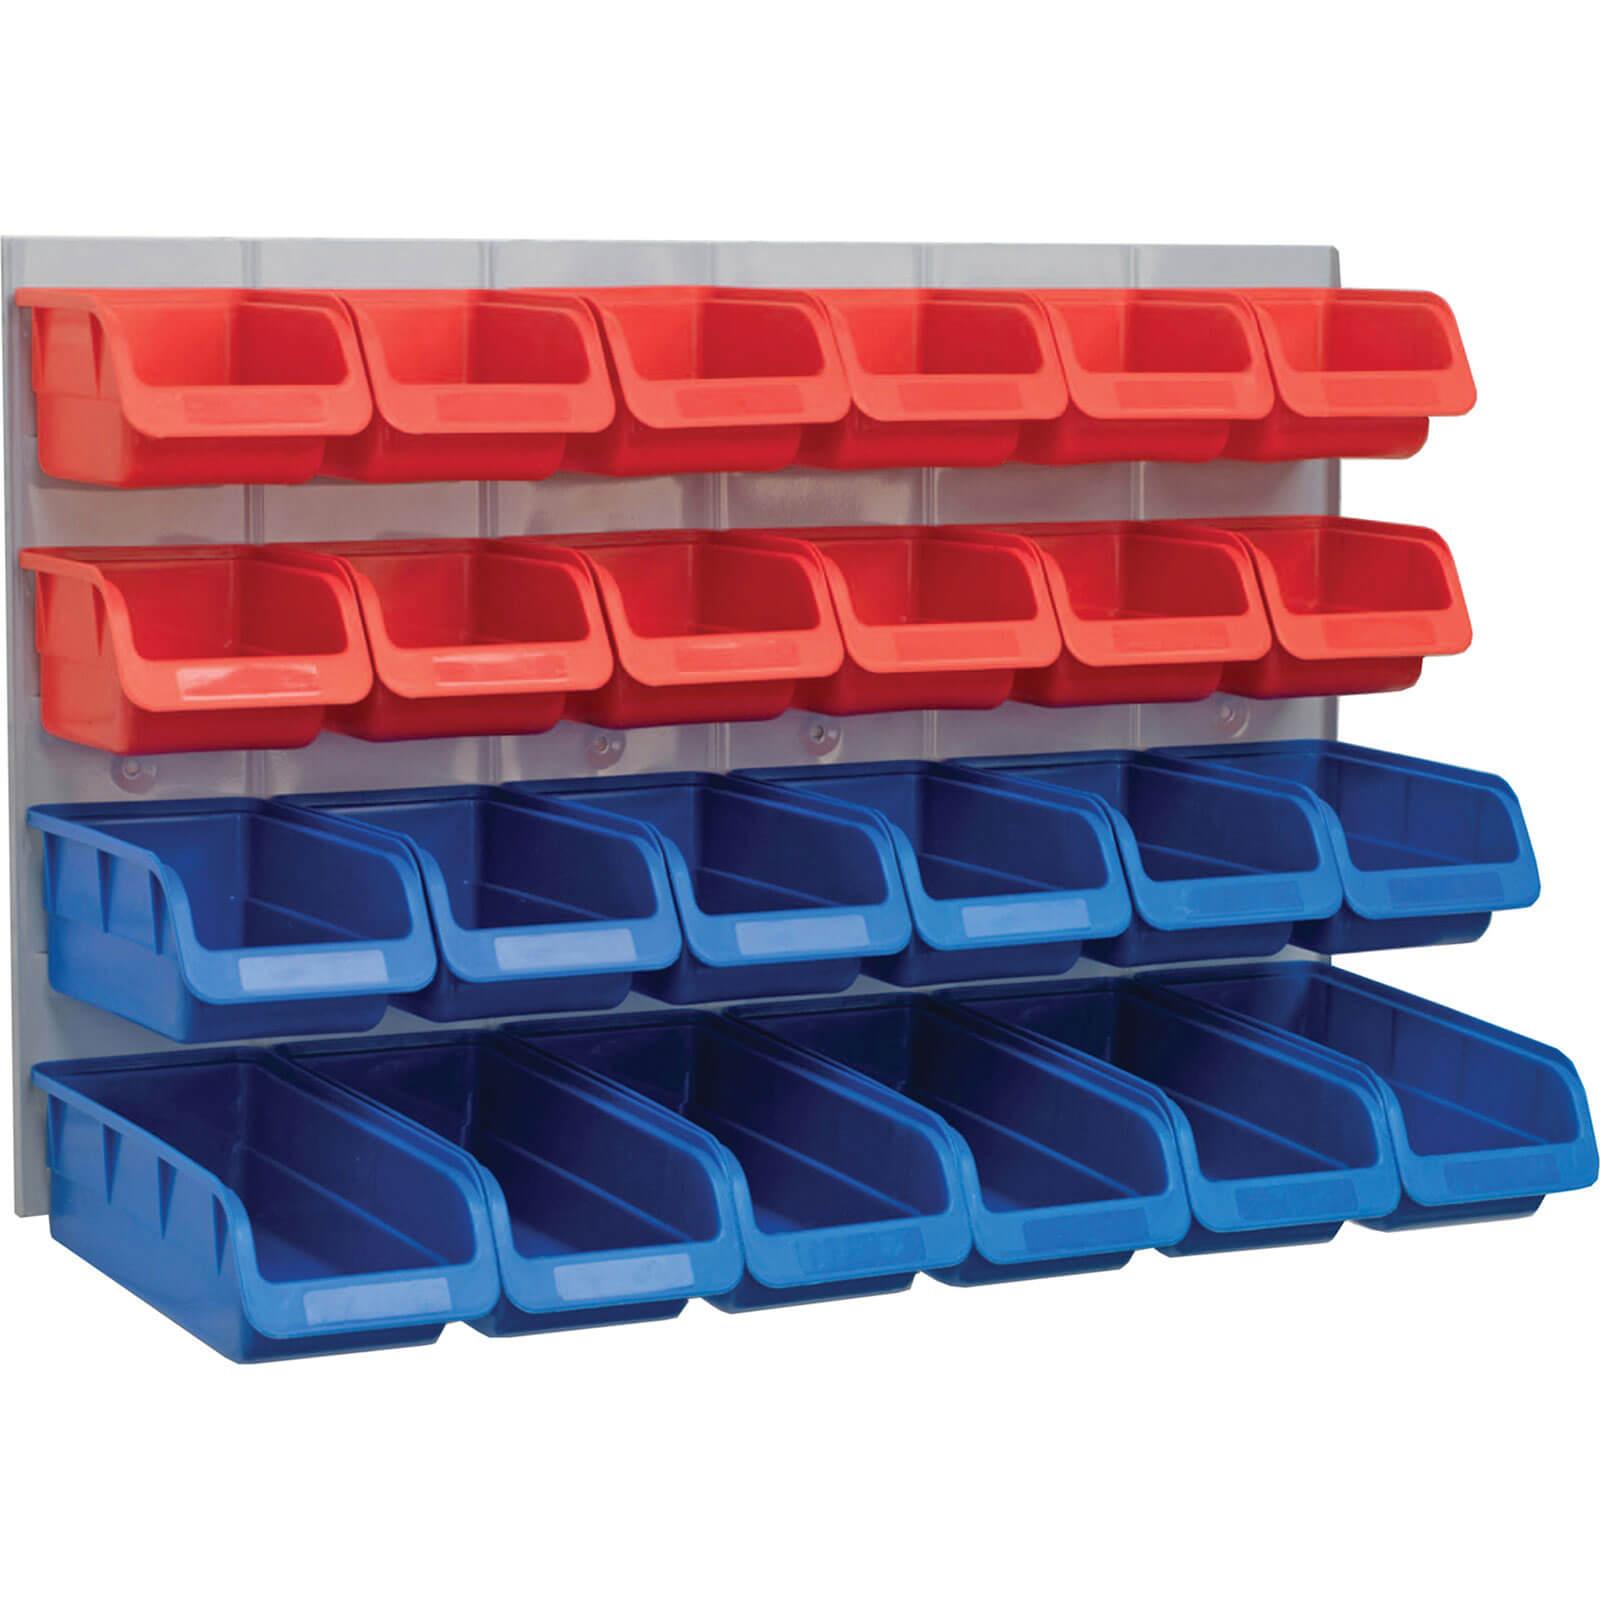 Faithfull 24 Piece Plastic Storage Bin Set